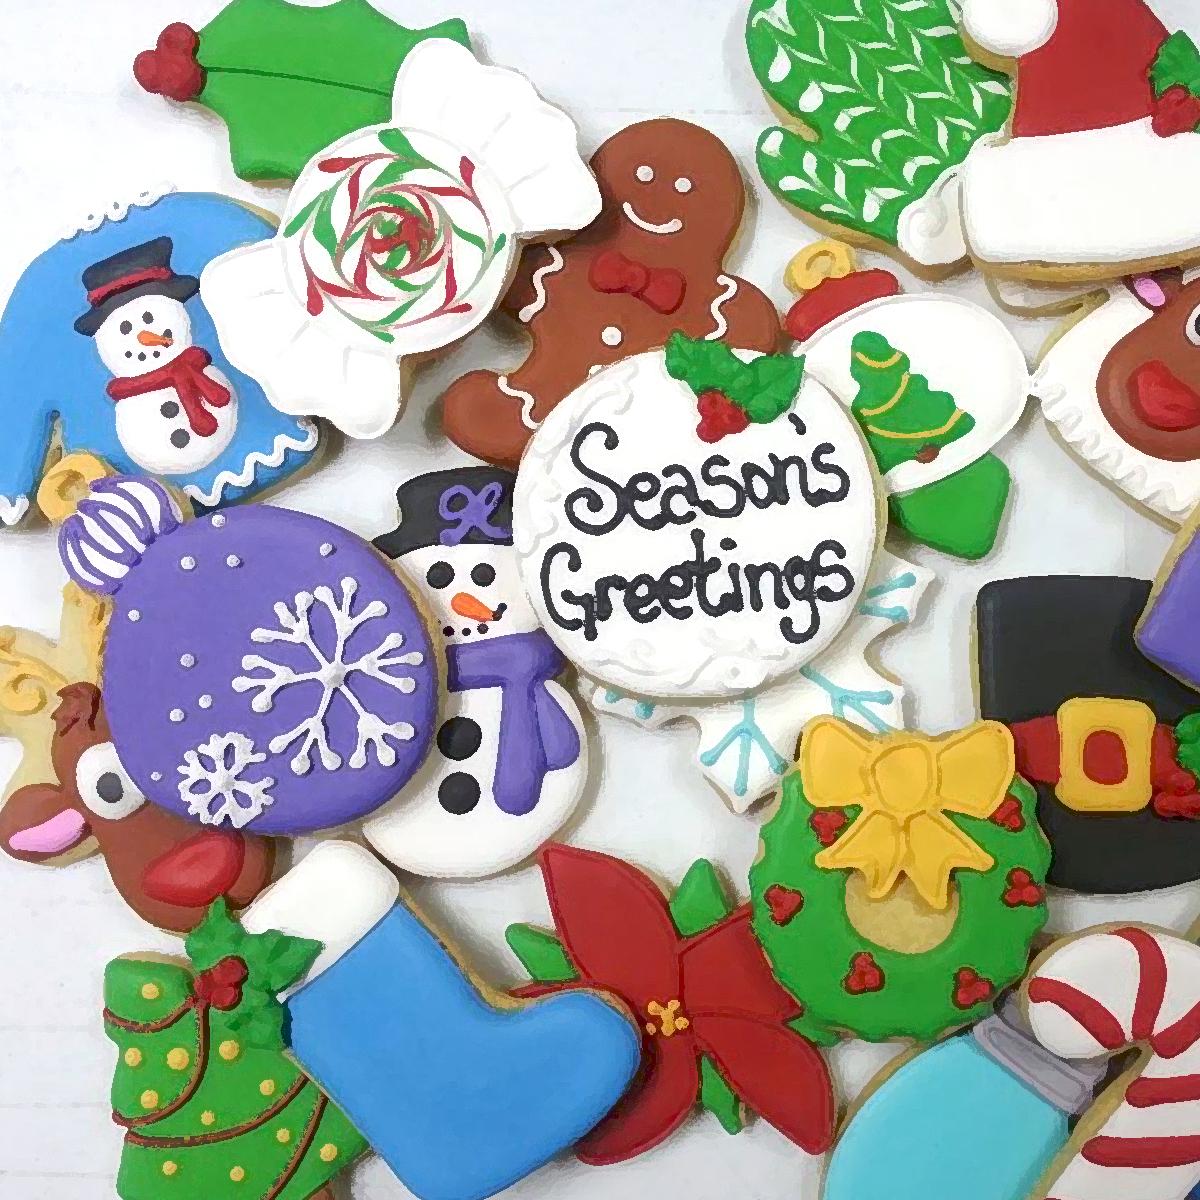 christmas cookies seasons greetings.jpg